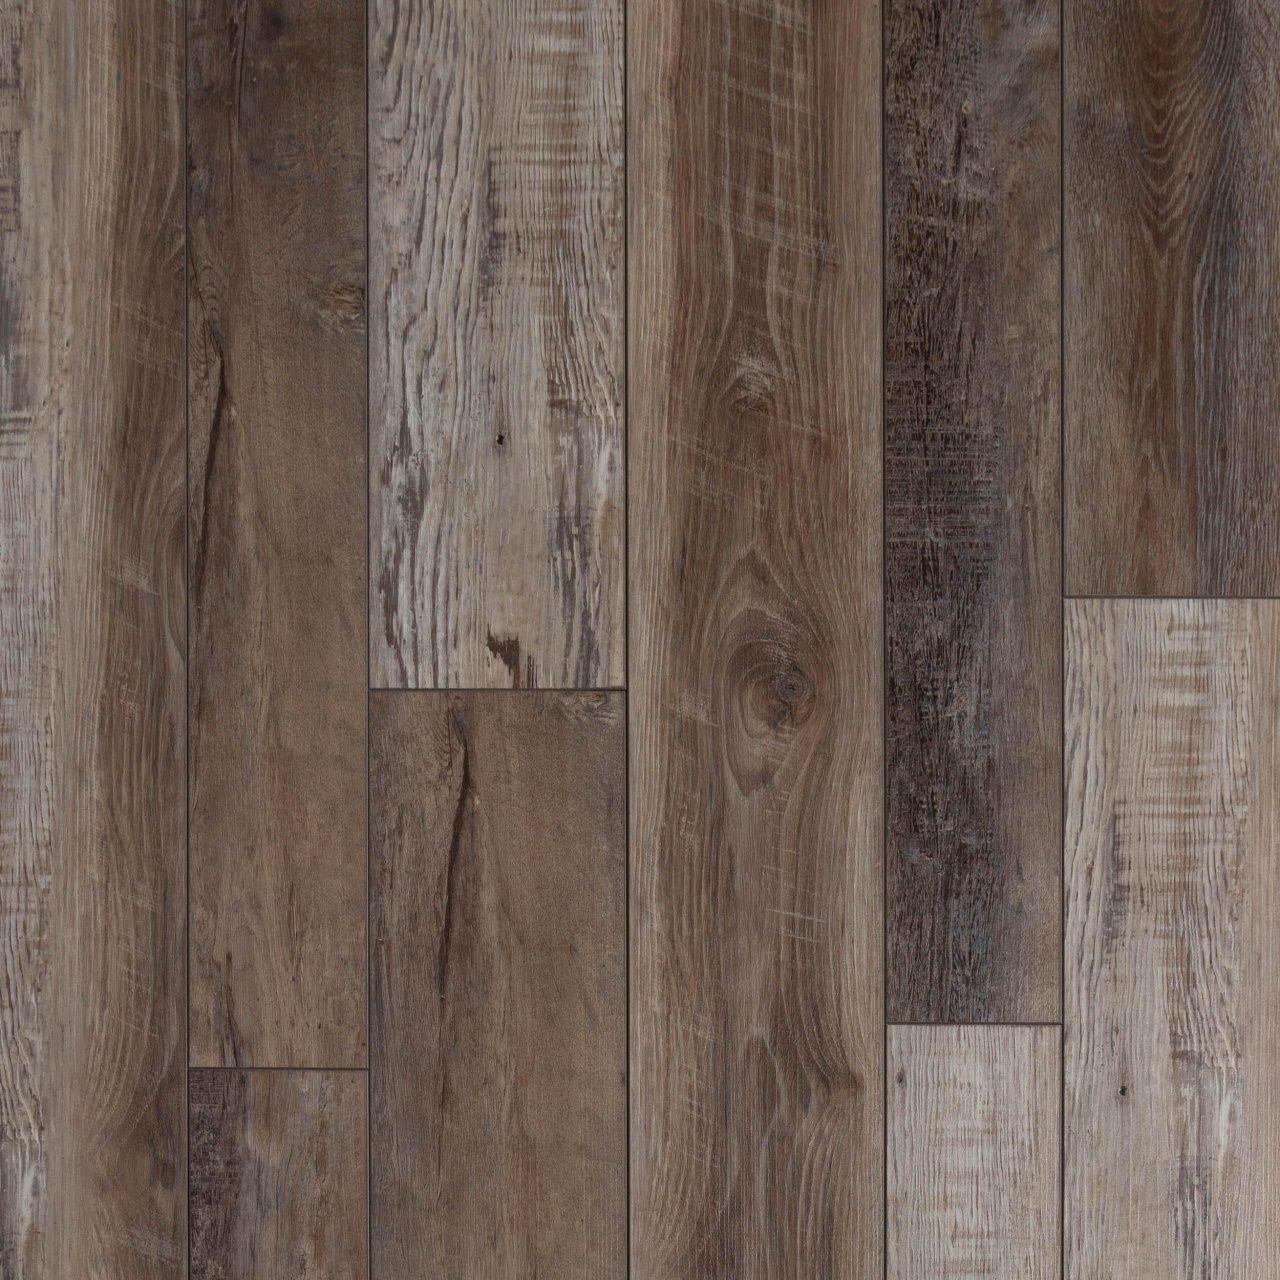 Cork Backed Vinyl Plank Flooring Reviews in 2020 Luxury